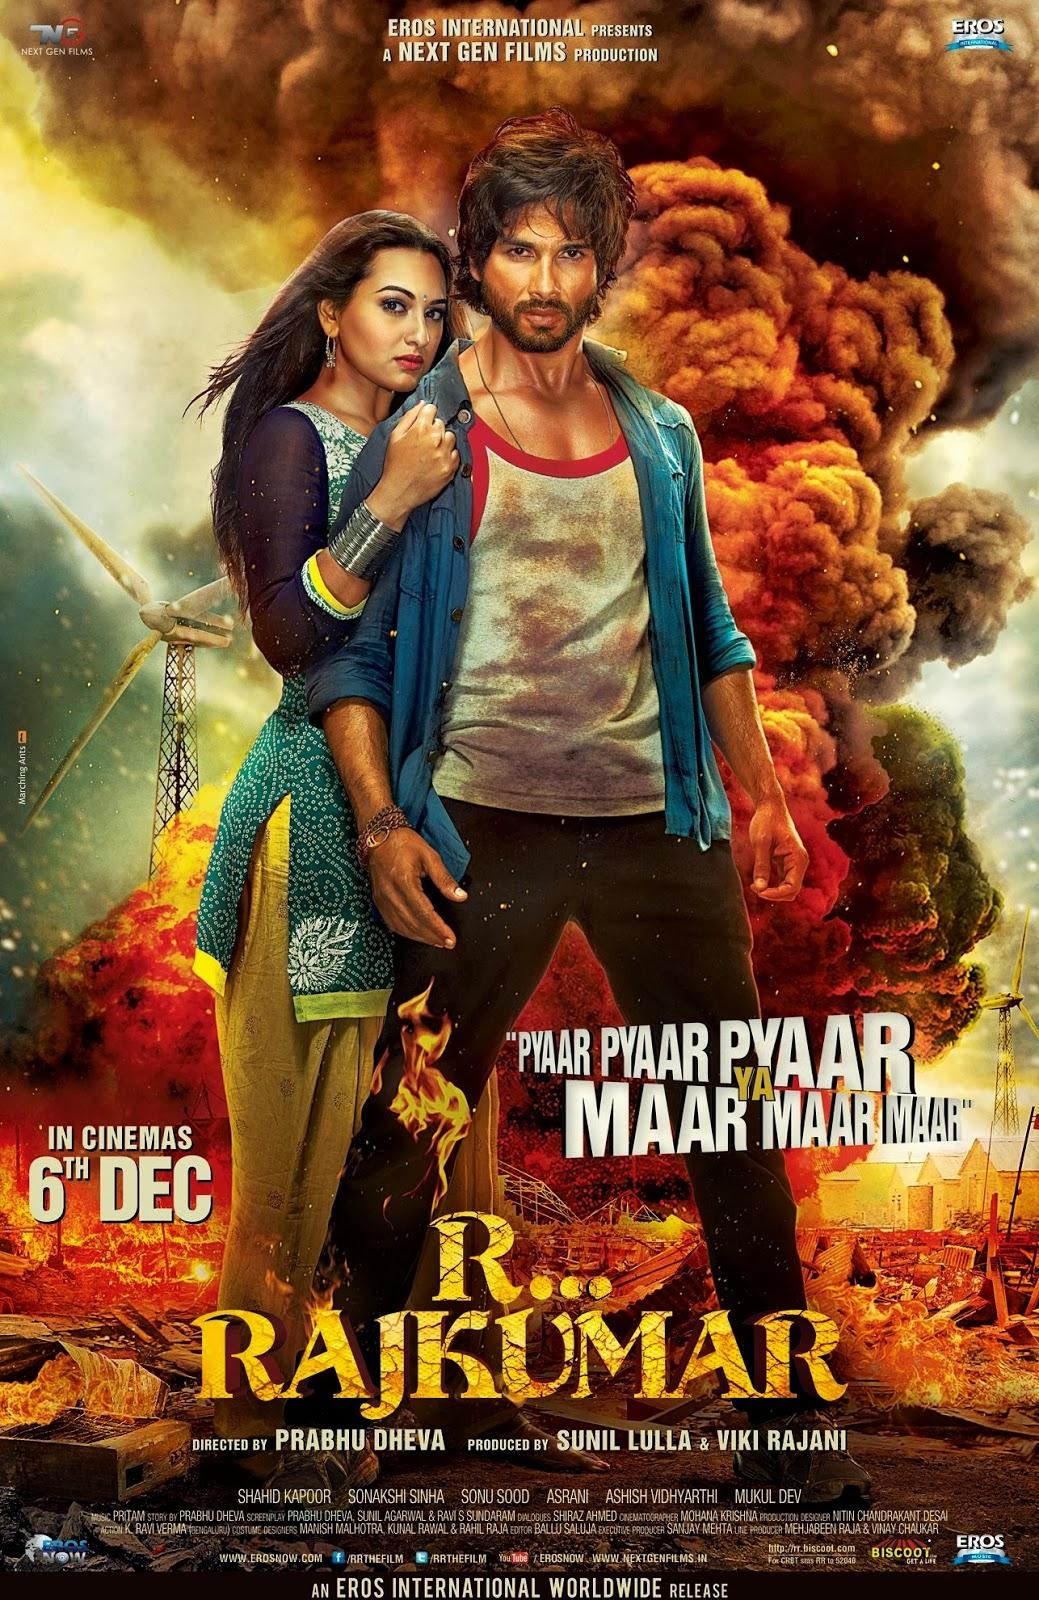 Rajkumar (2013) Full Movie Hindi *BluRay* Watch Online